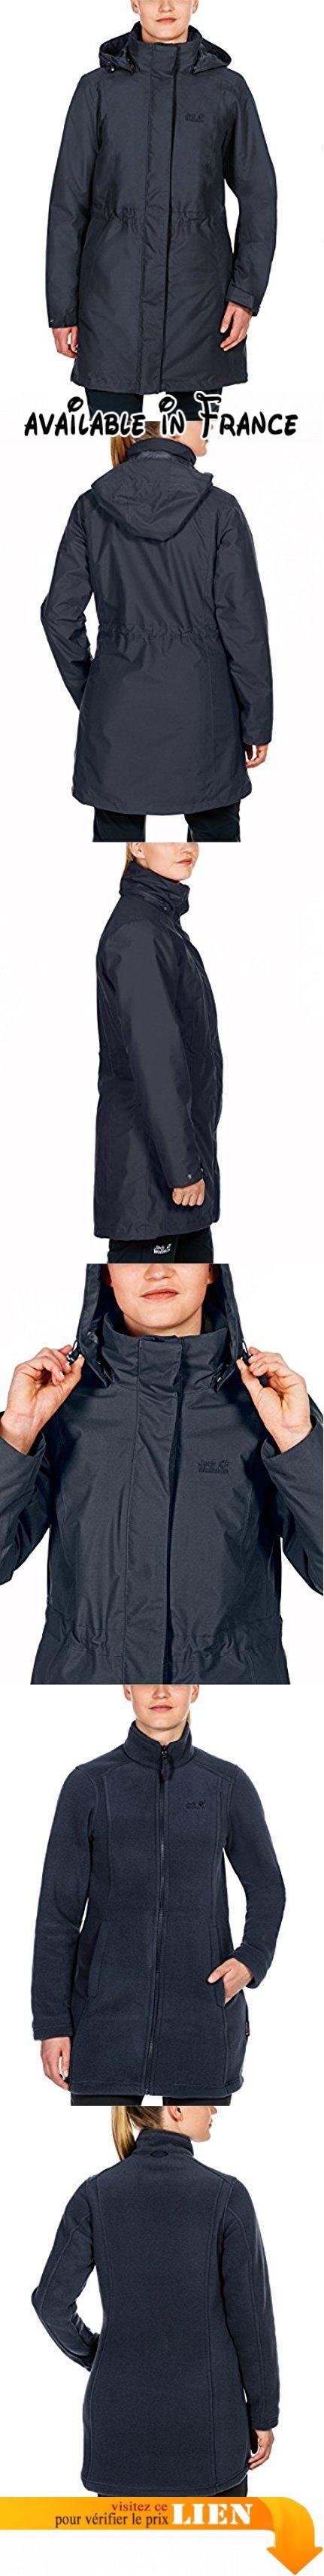 Jack Wolfskin Veste double OTTAWA COAT 3 in 1 femme. Manteau 3en 1. Imperméable, coupe-vent. Respirant. Intérieur en polaire manteau #Sports #OUTDOOR_RECREATION_PRODUCT